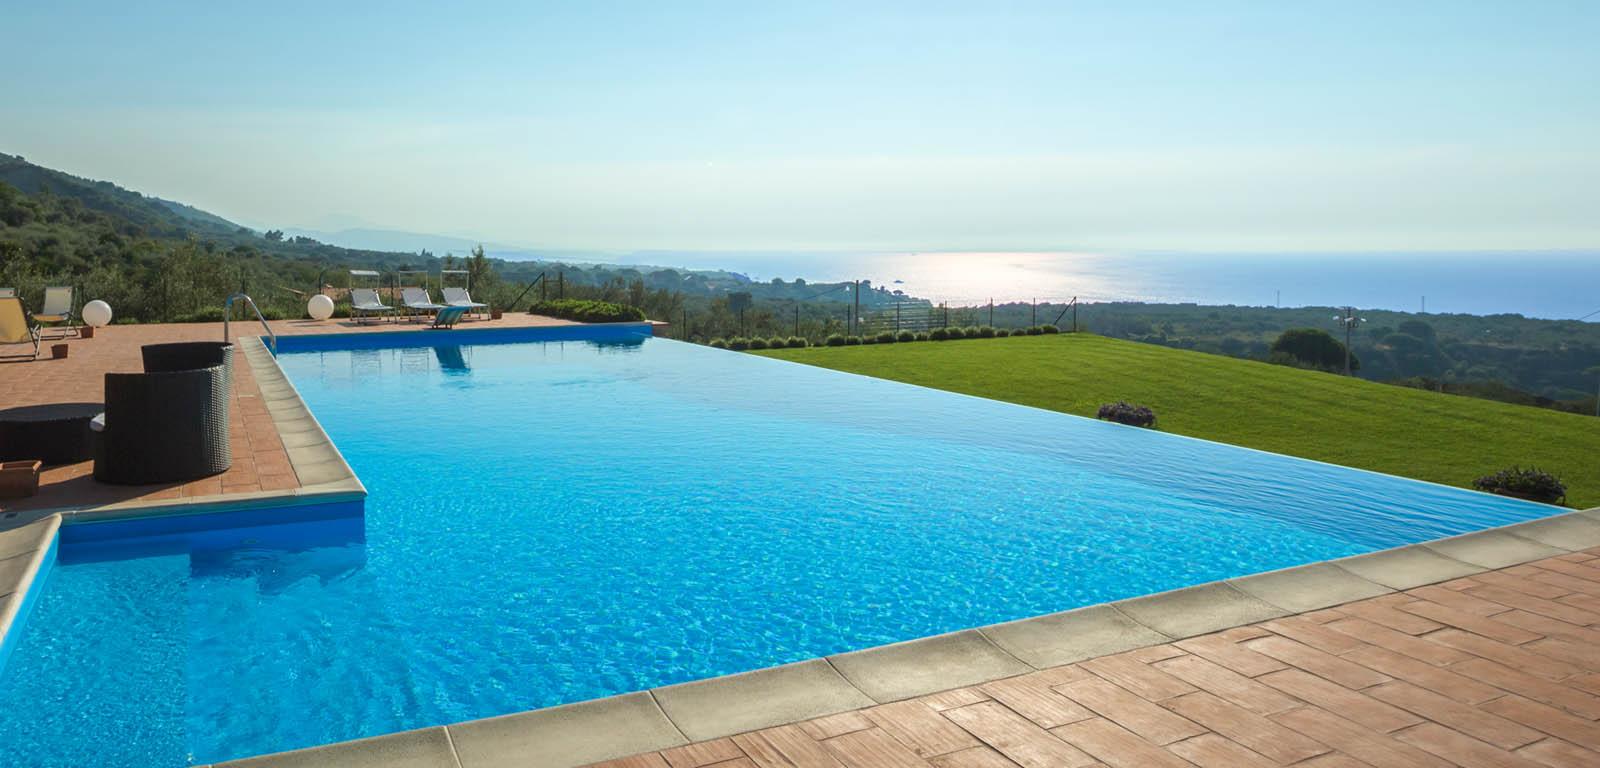 Piscine con cascata piscine castiglione - Ipoclorito di calcio per piscine ...